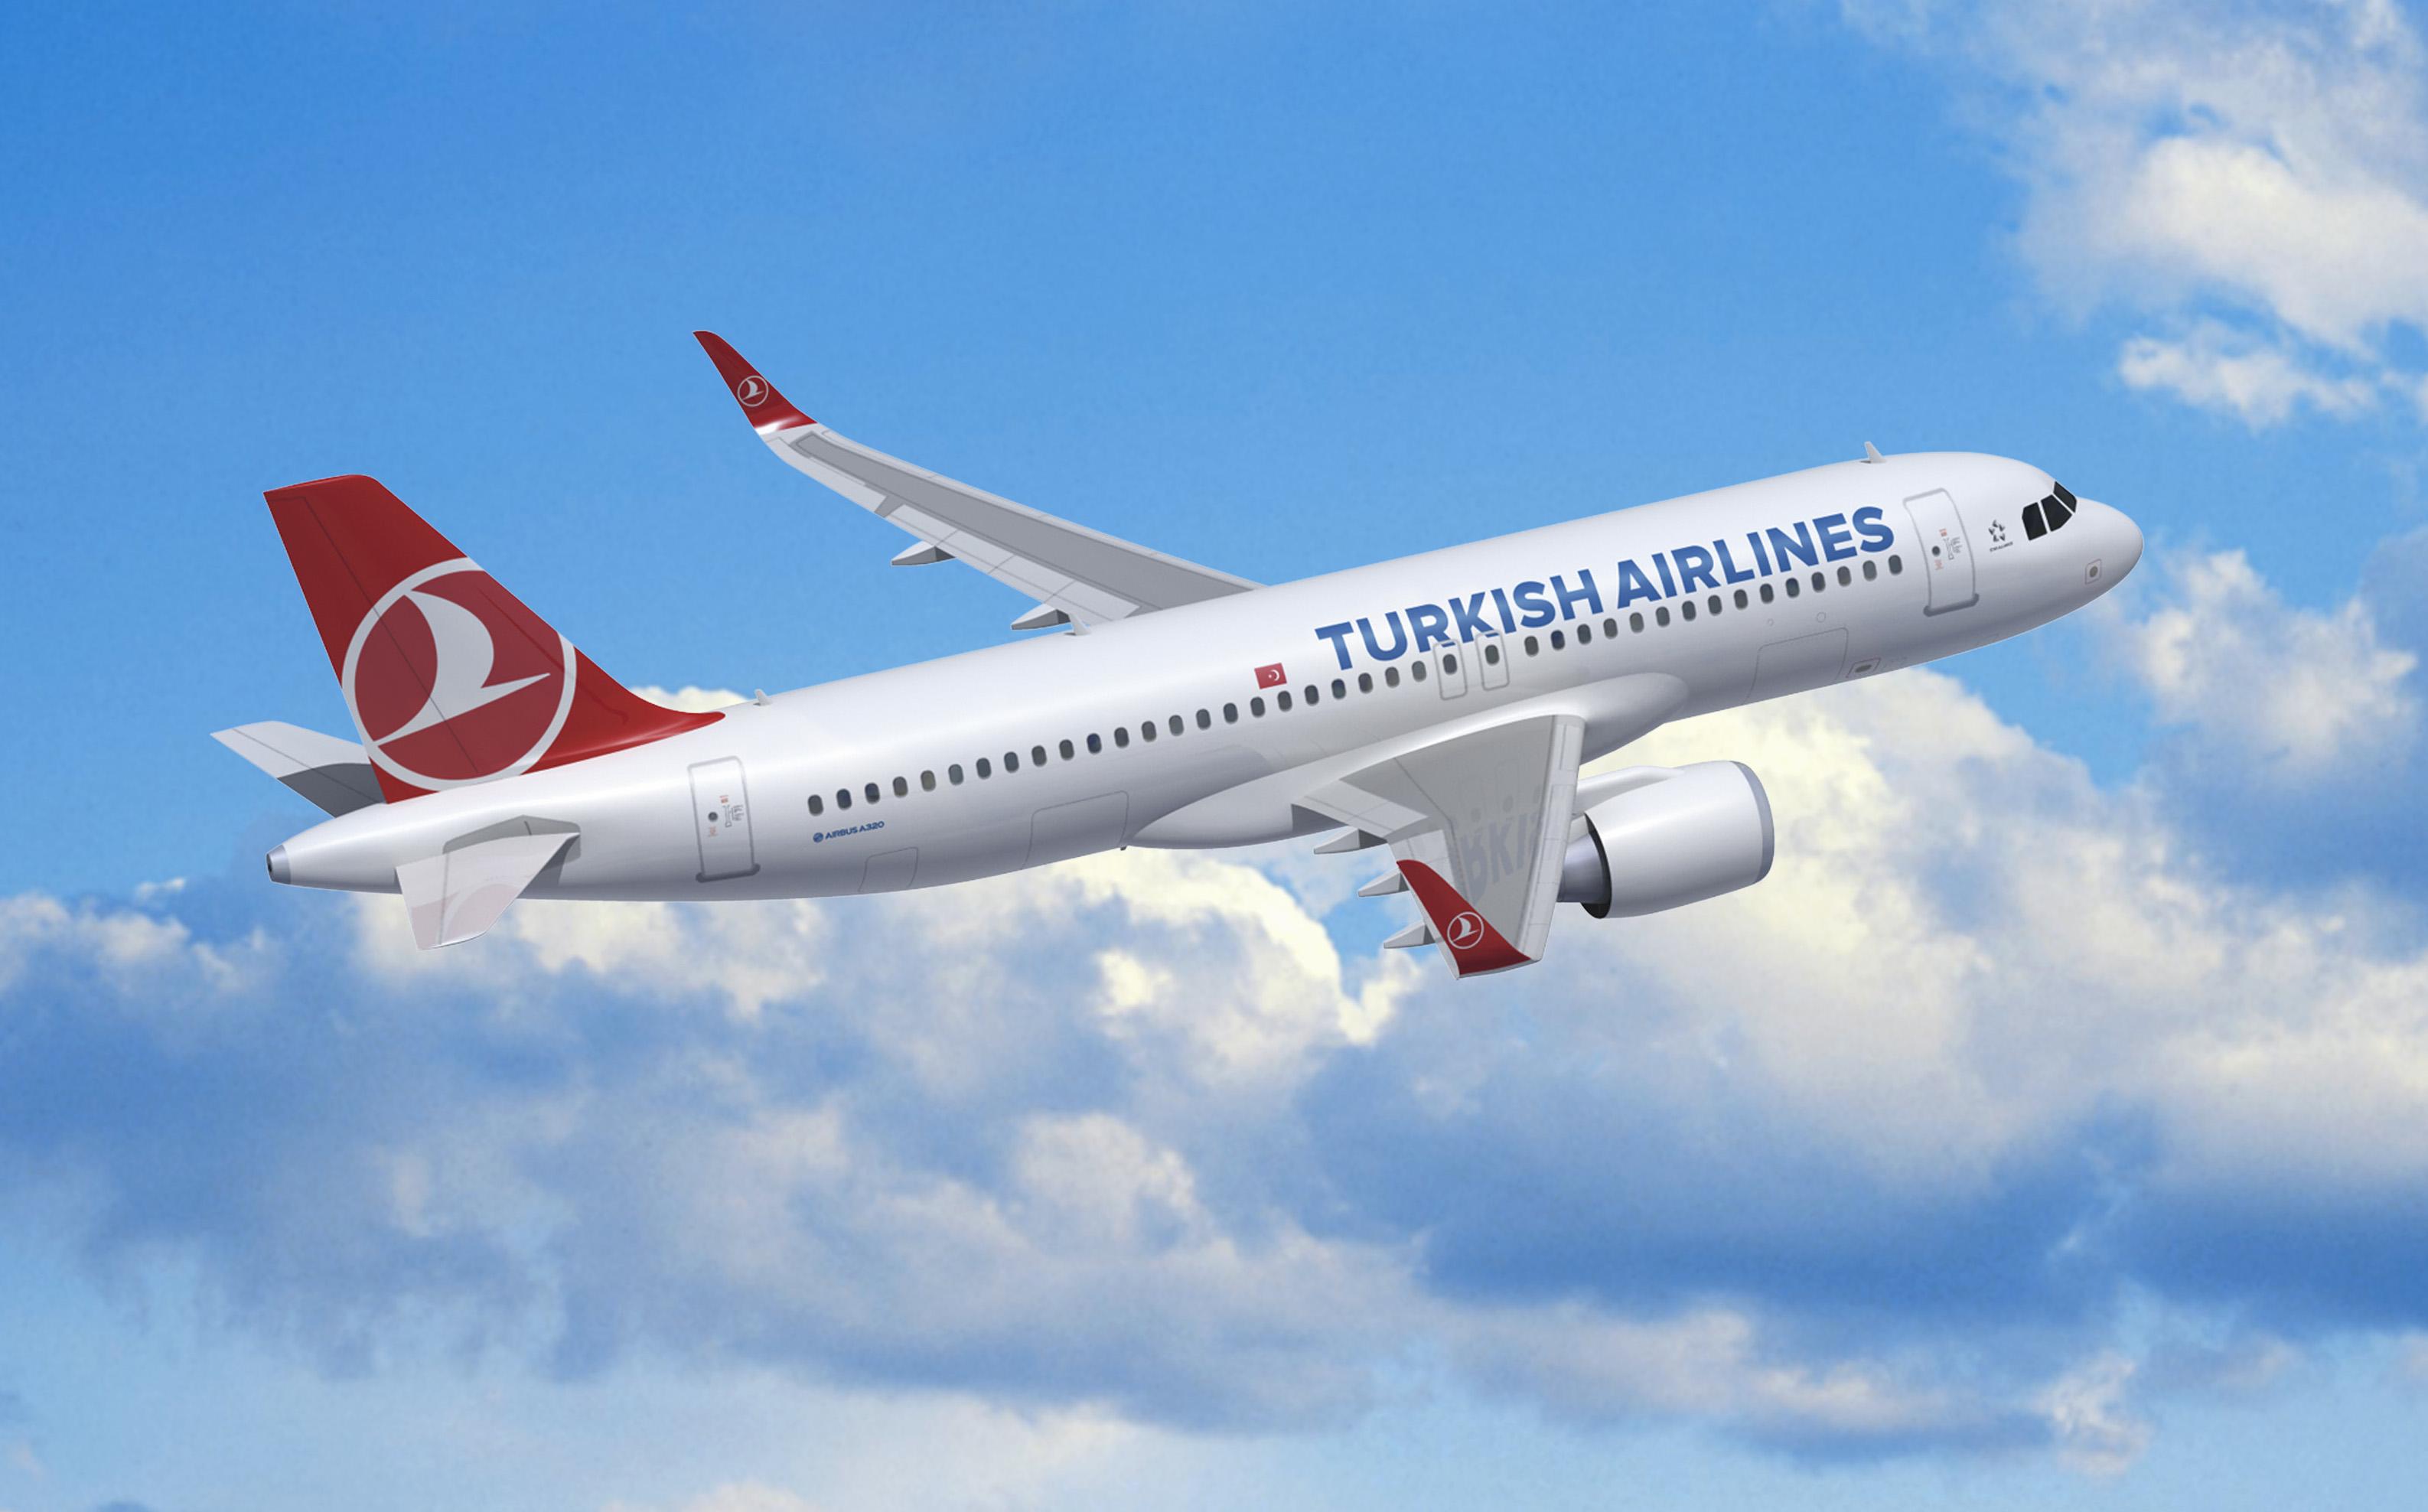 Uçakta internet hizmeti 2017'de başlıyor